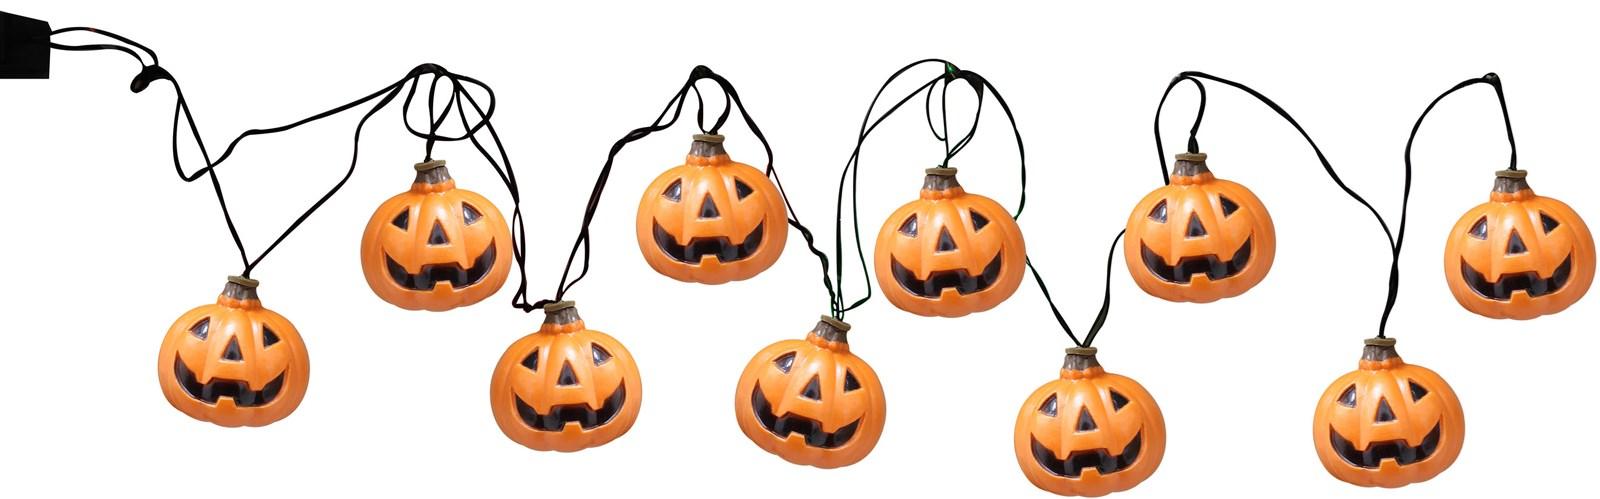 Pumpkin String Lights For Halloween